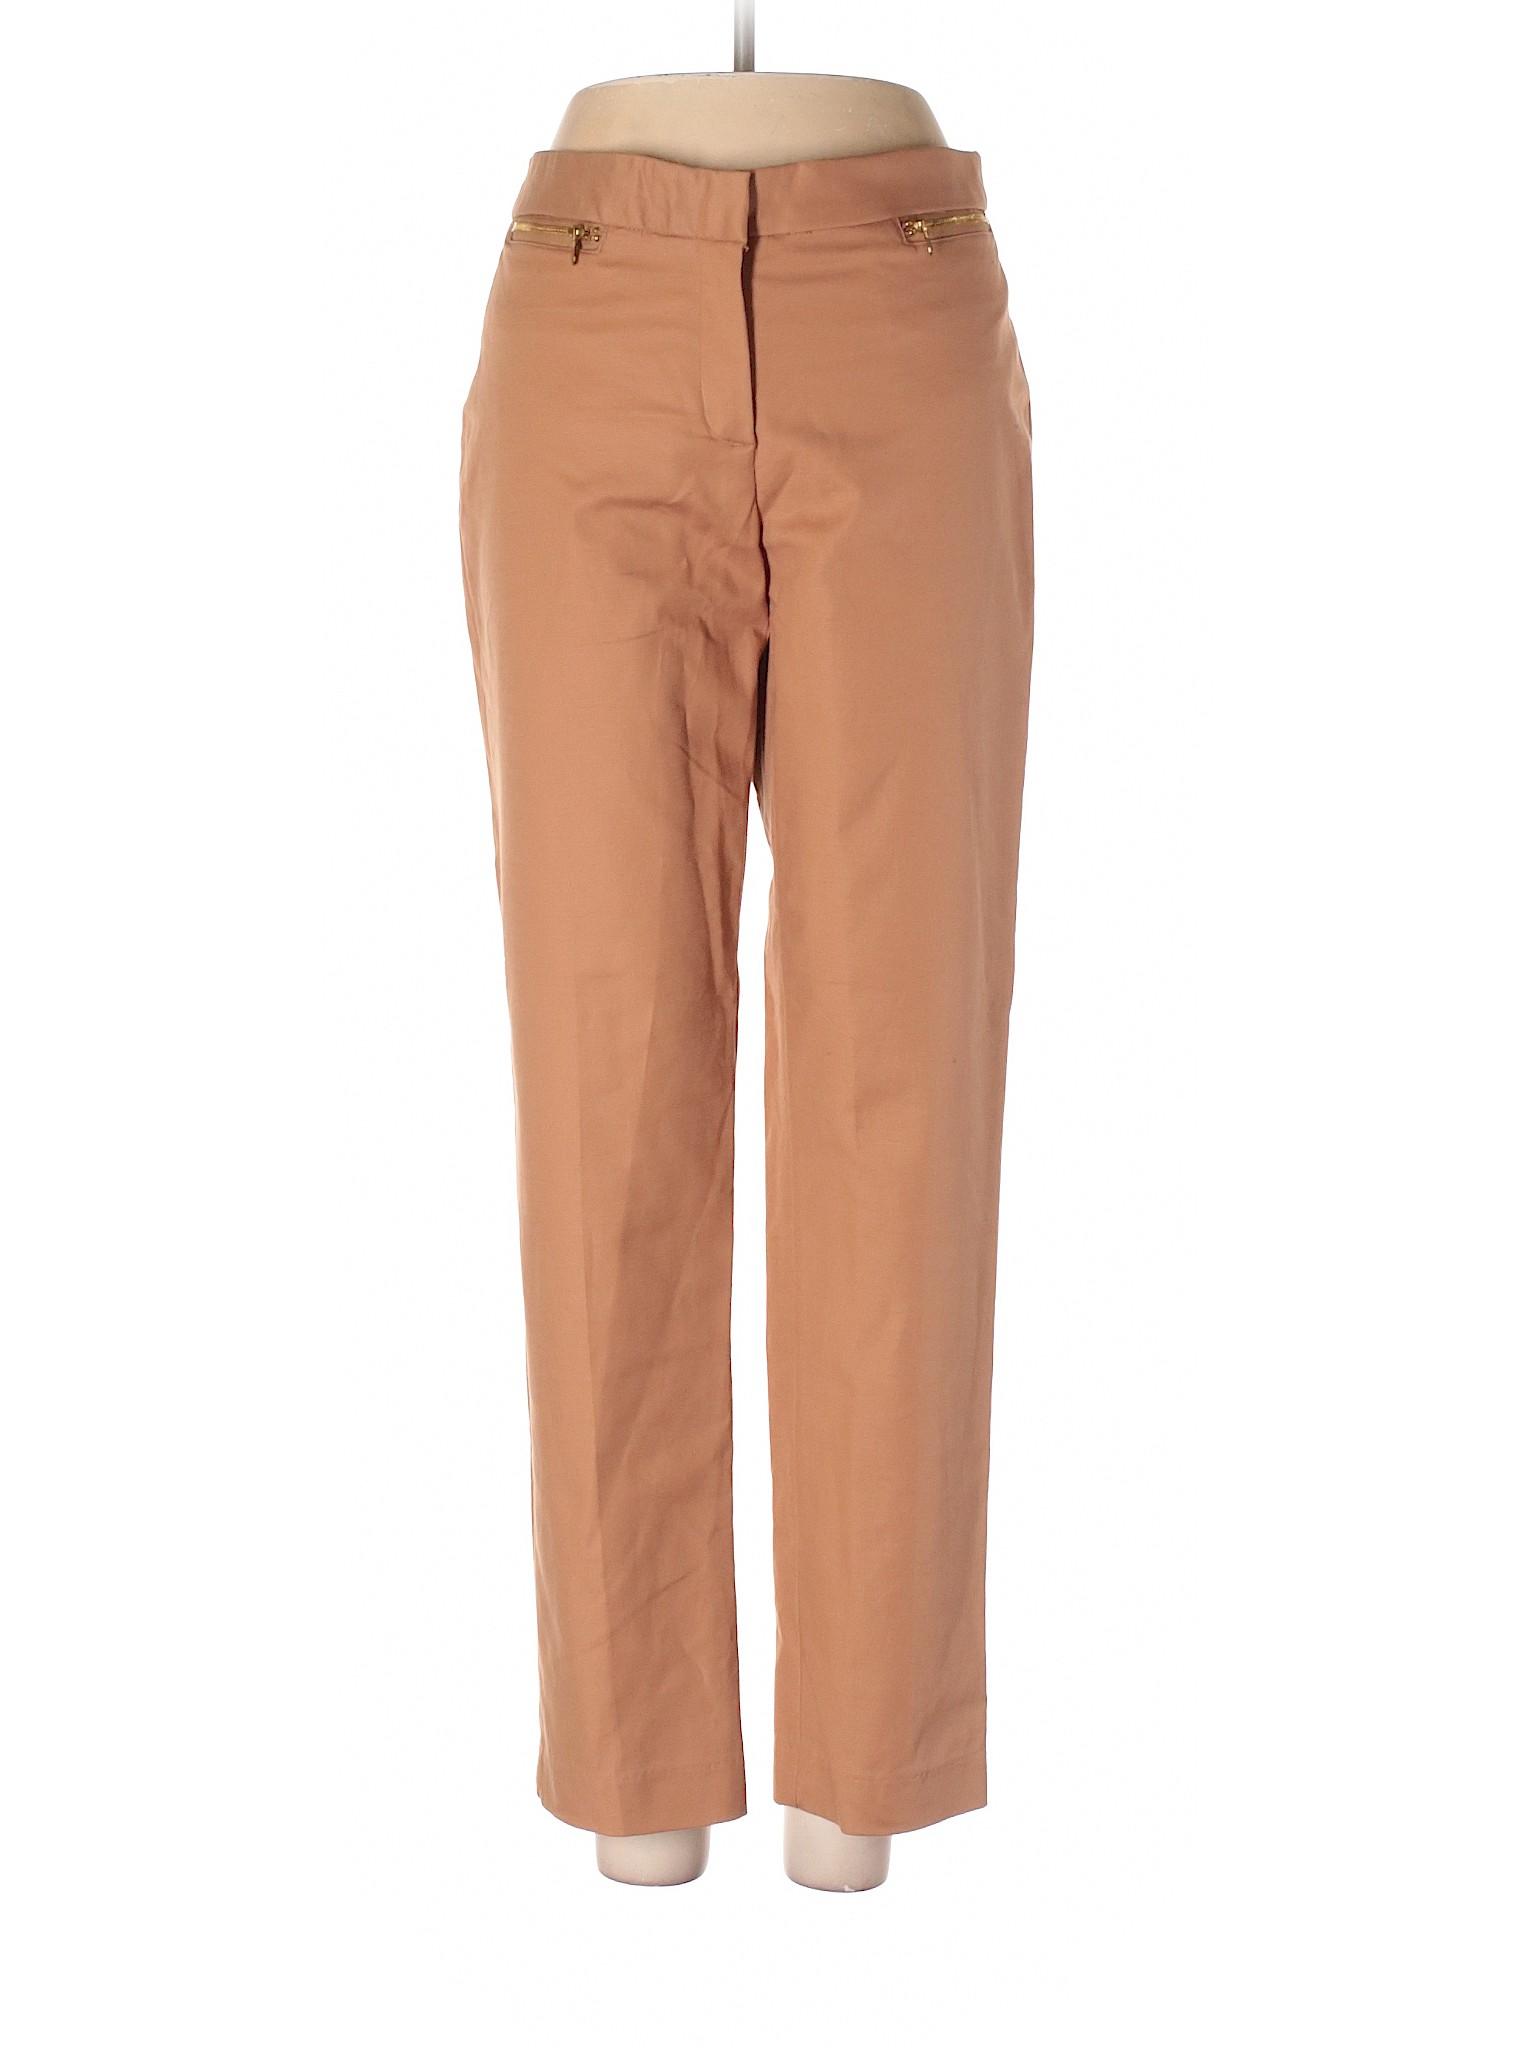 Pants winter Boutique Dress Tracy Ellen xIqBXS